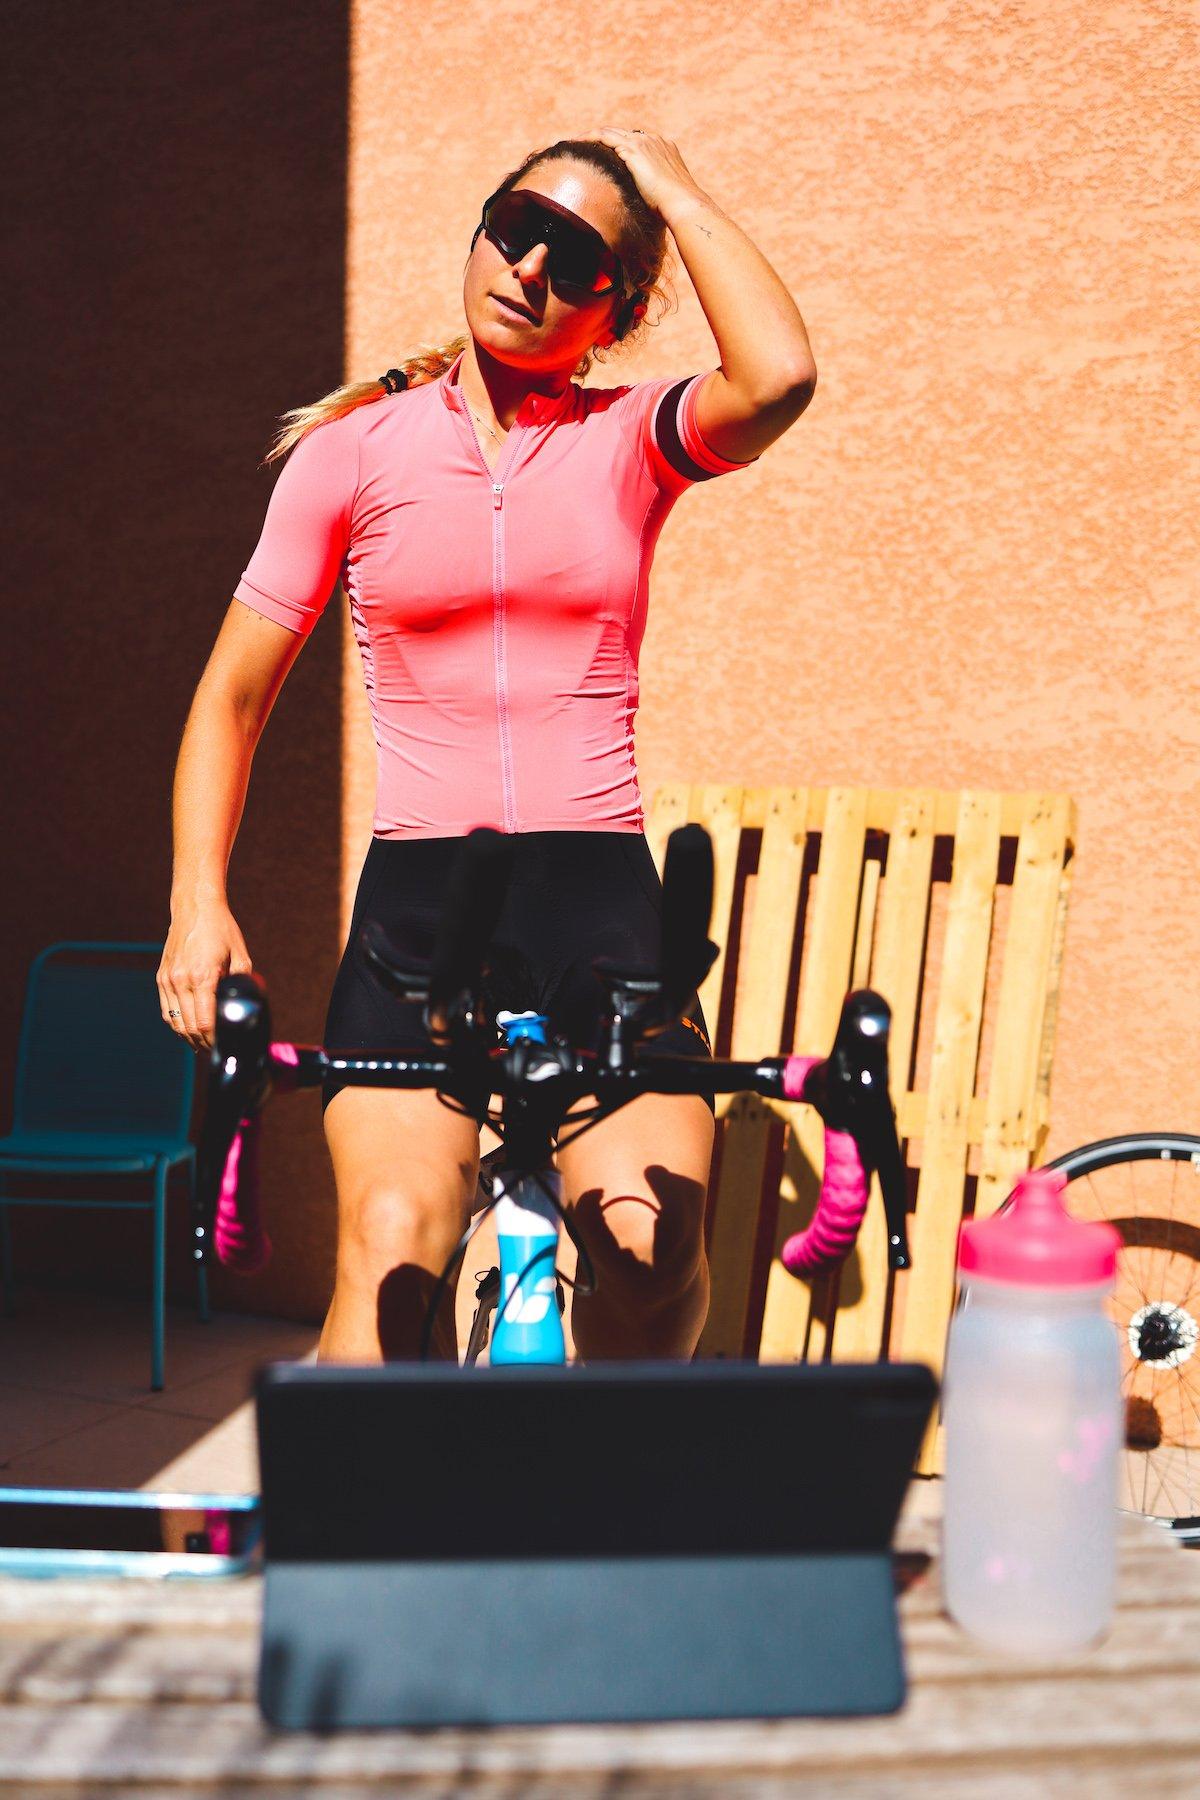 Tout savoir sur Zwift, l'appli de cyclisme à la maison (fonctionnement, connexion, équipement)